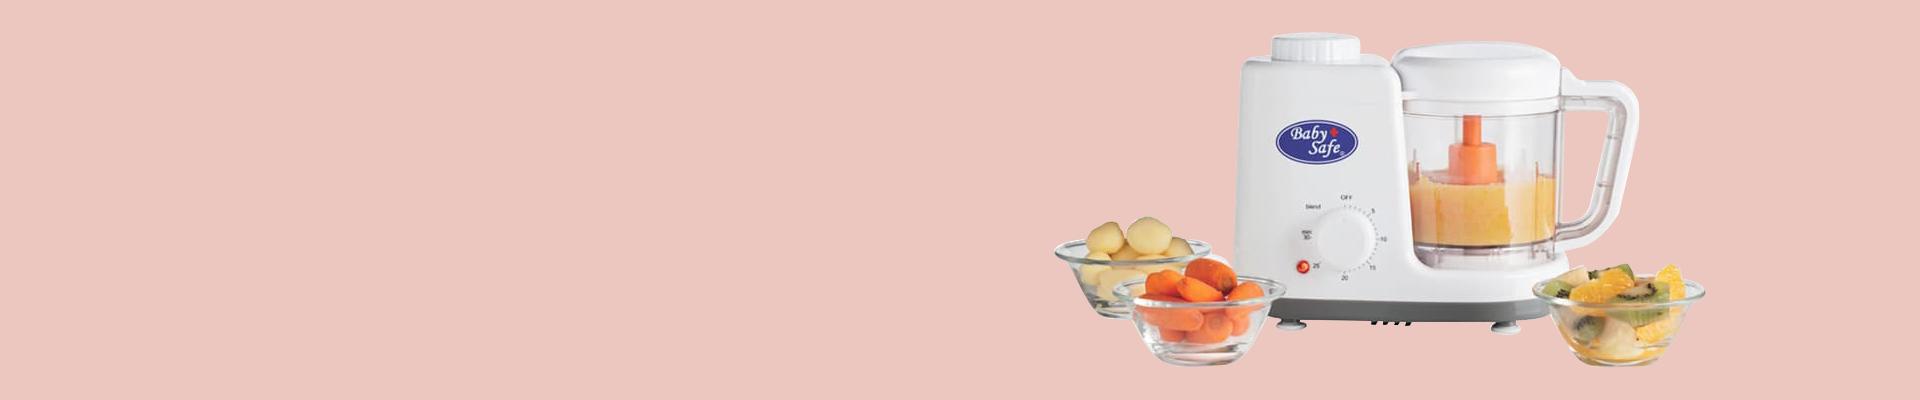 Jual Blender Makanan Bayi Terbaik - Harga Murah